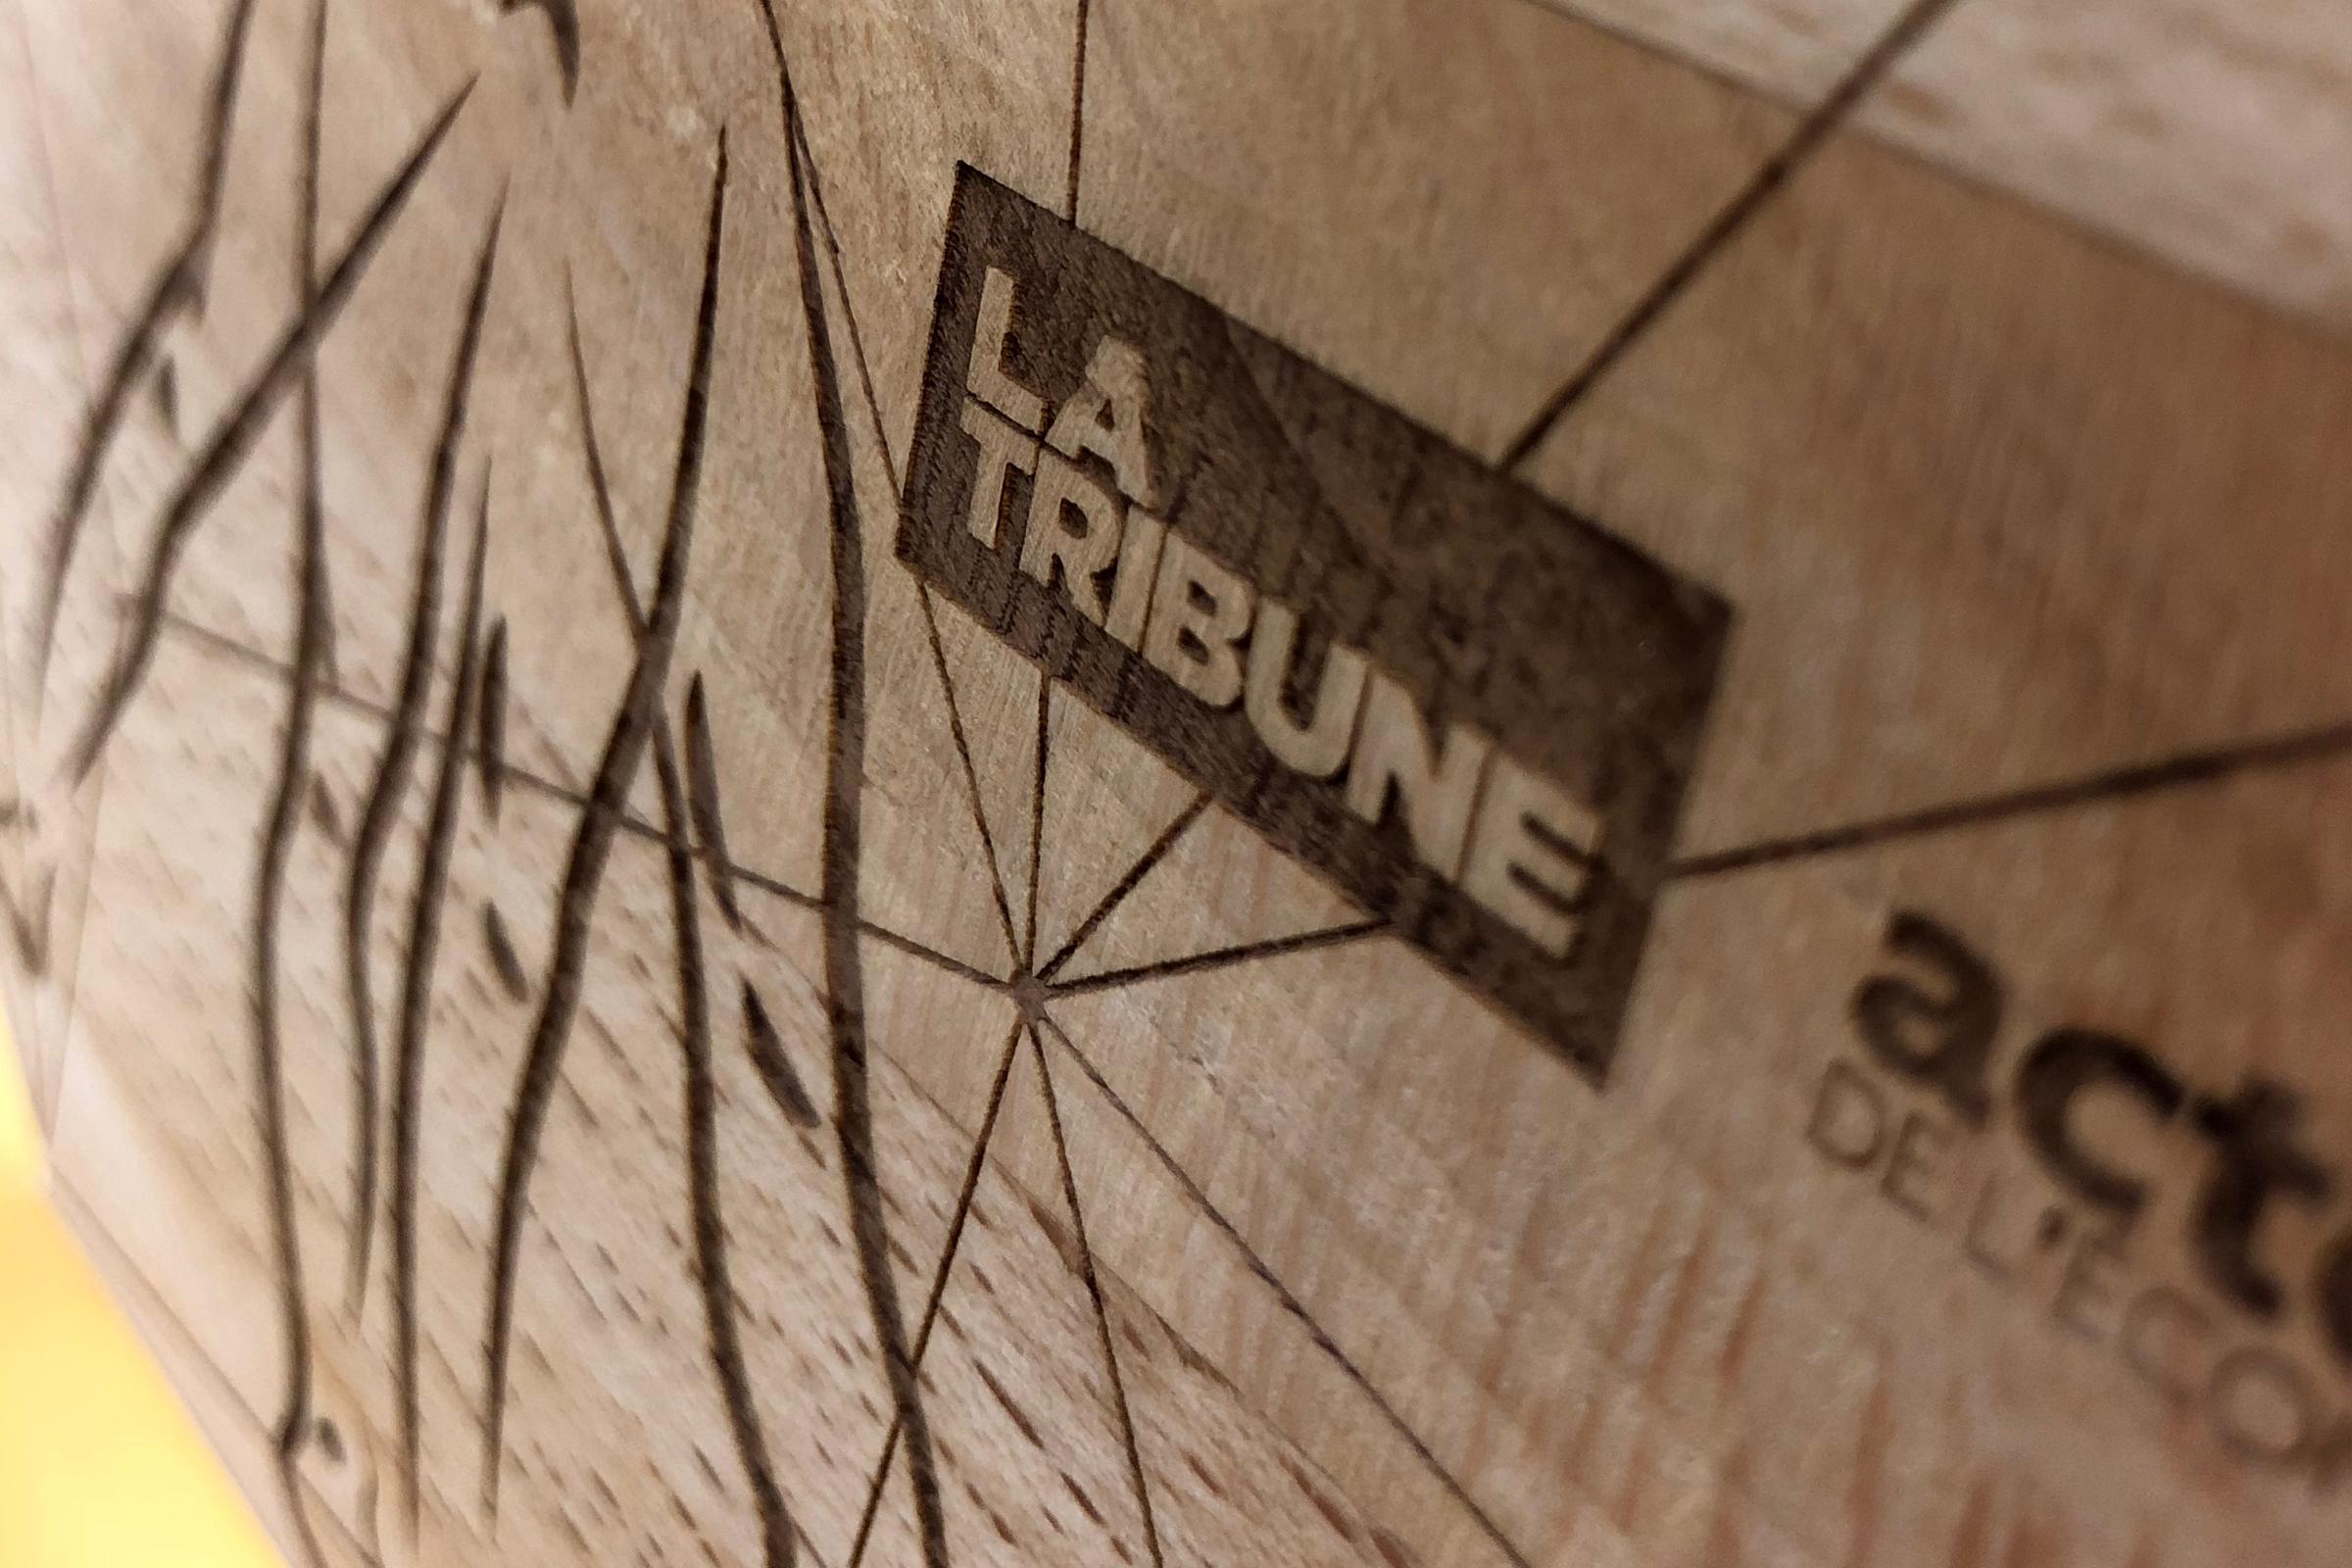 Gravure laser sur chène massif pour trophée.